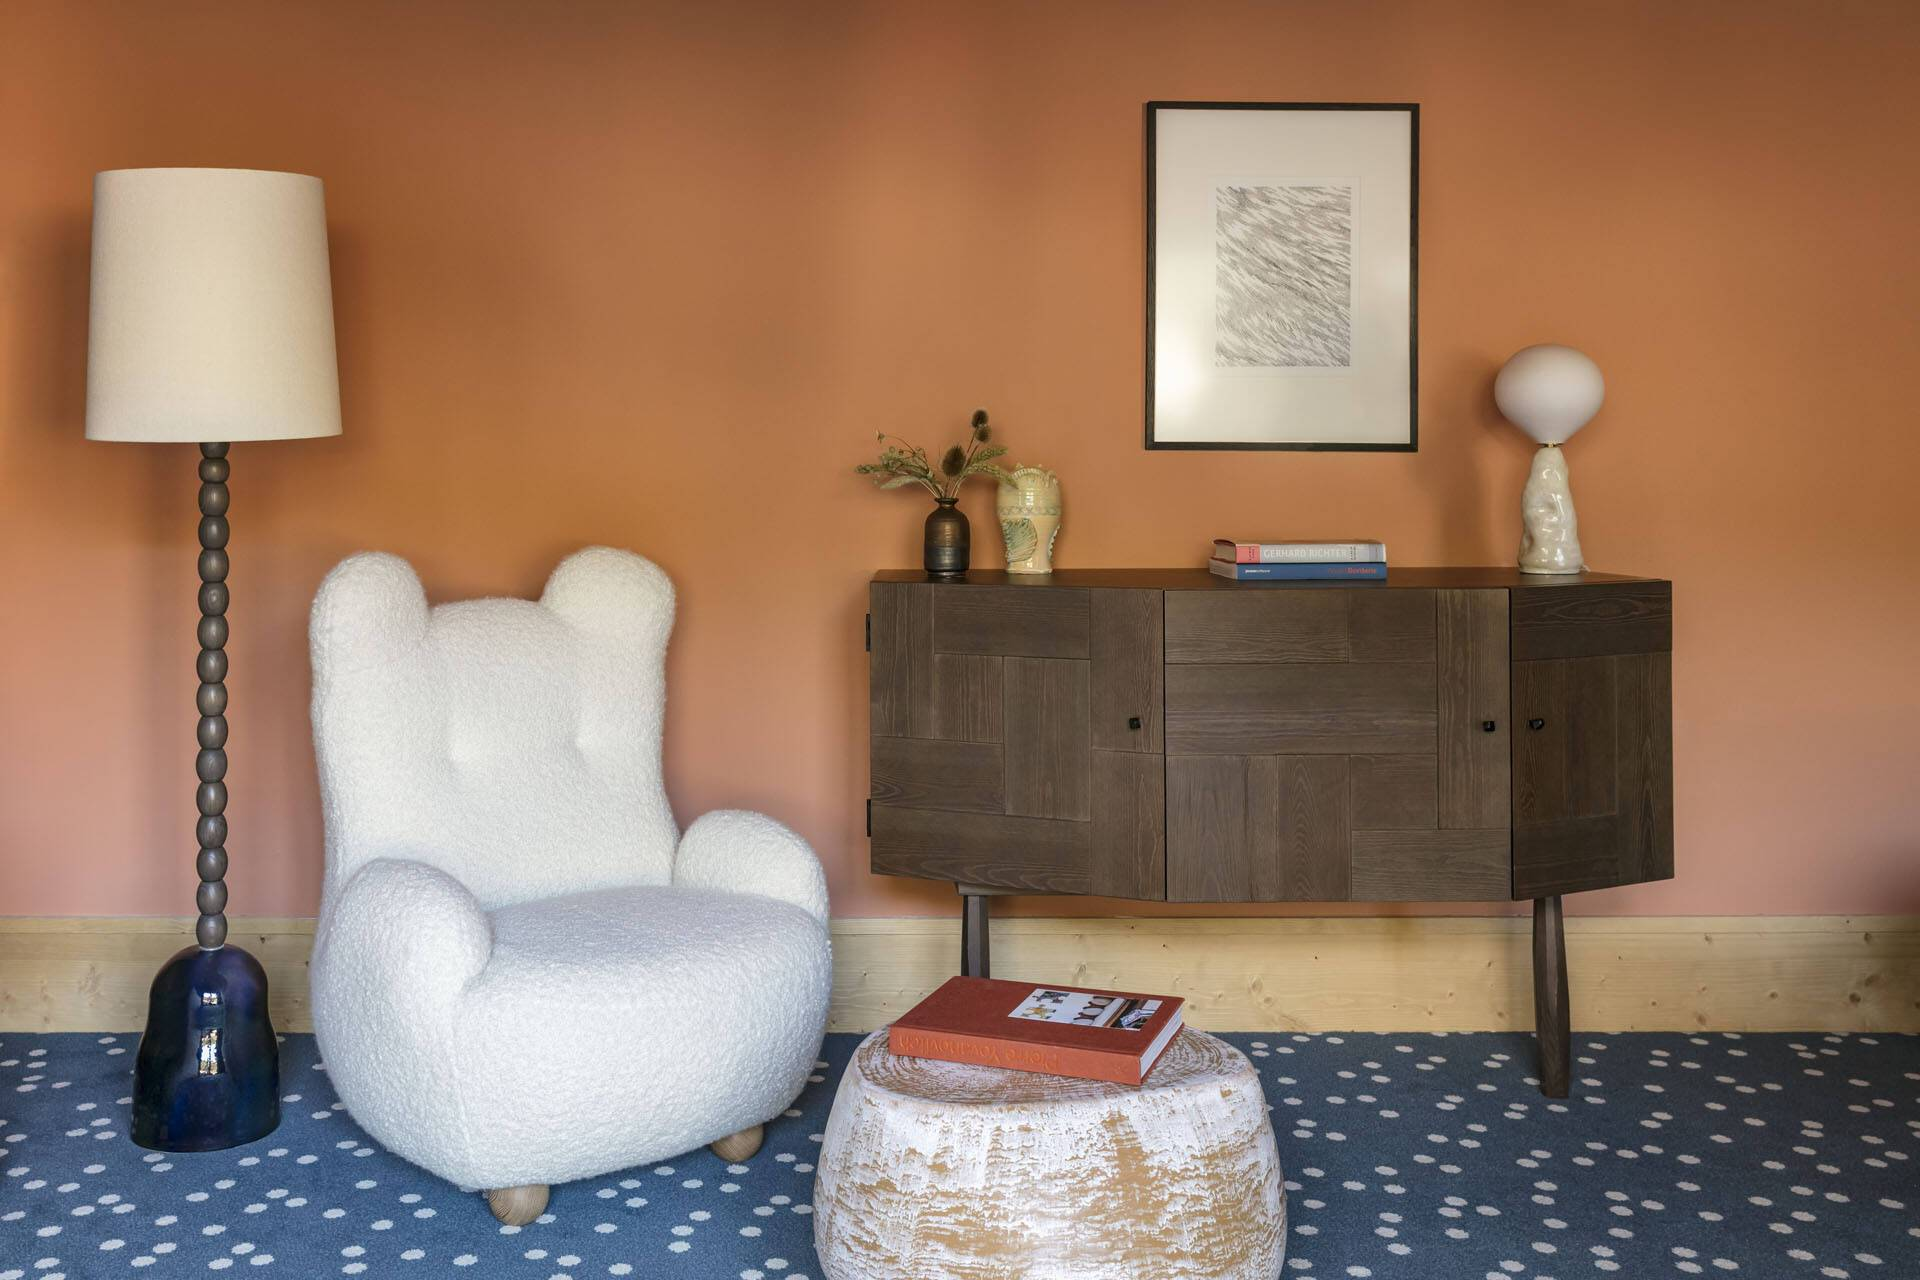 Le Coucou Meribel Suite Details